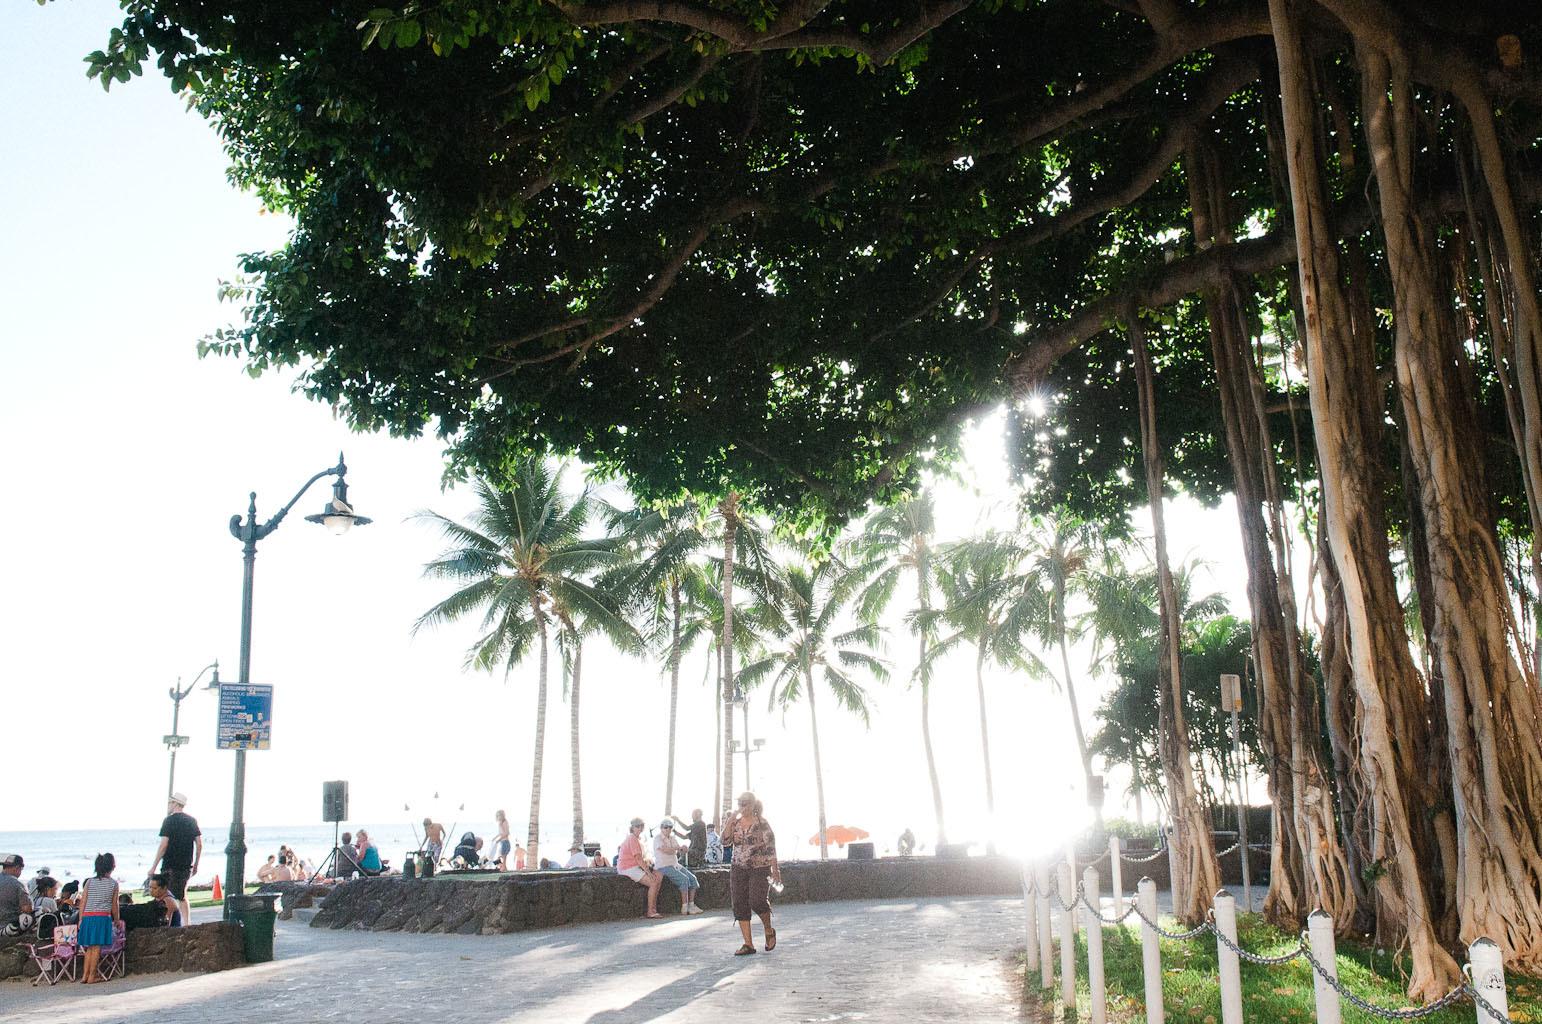 hawaii2013_24.jpg